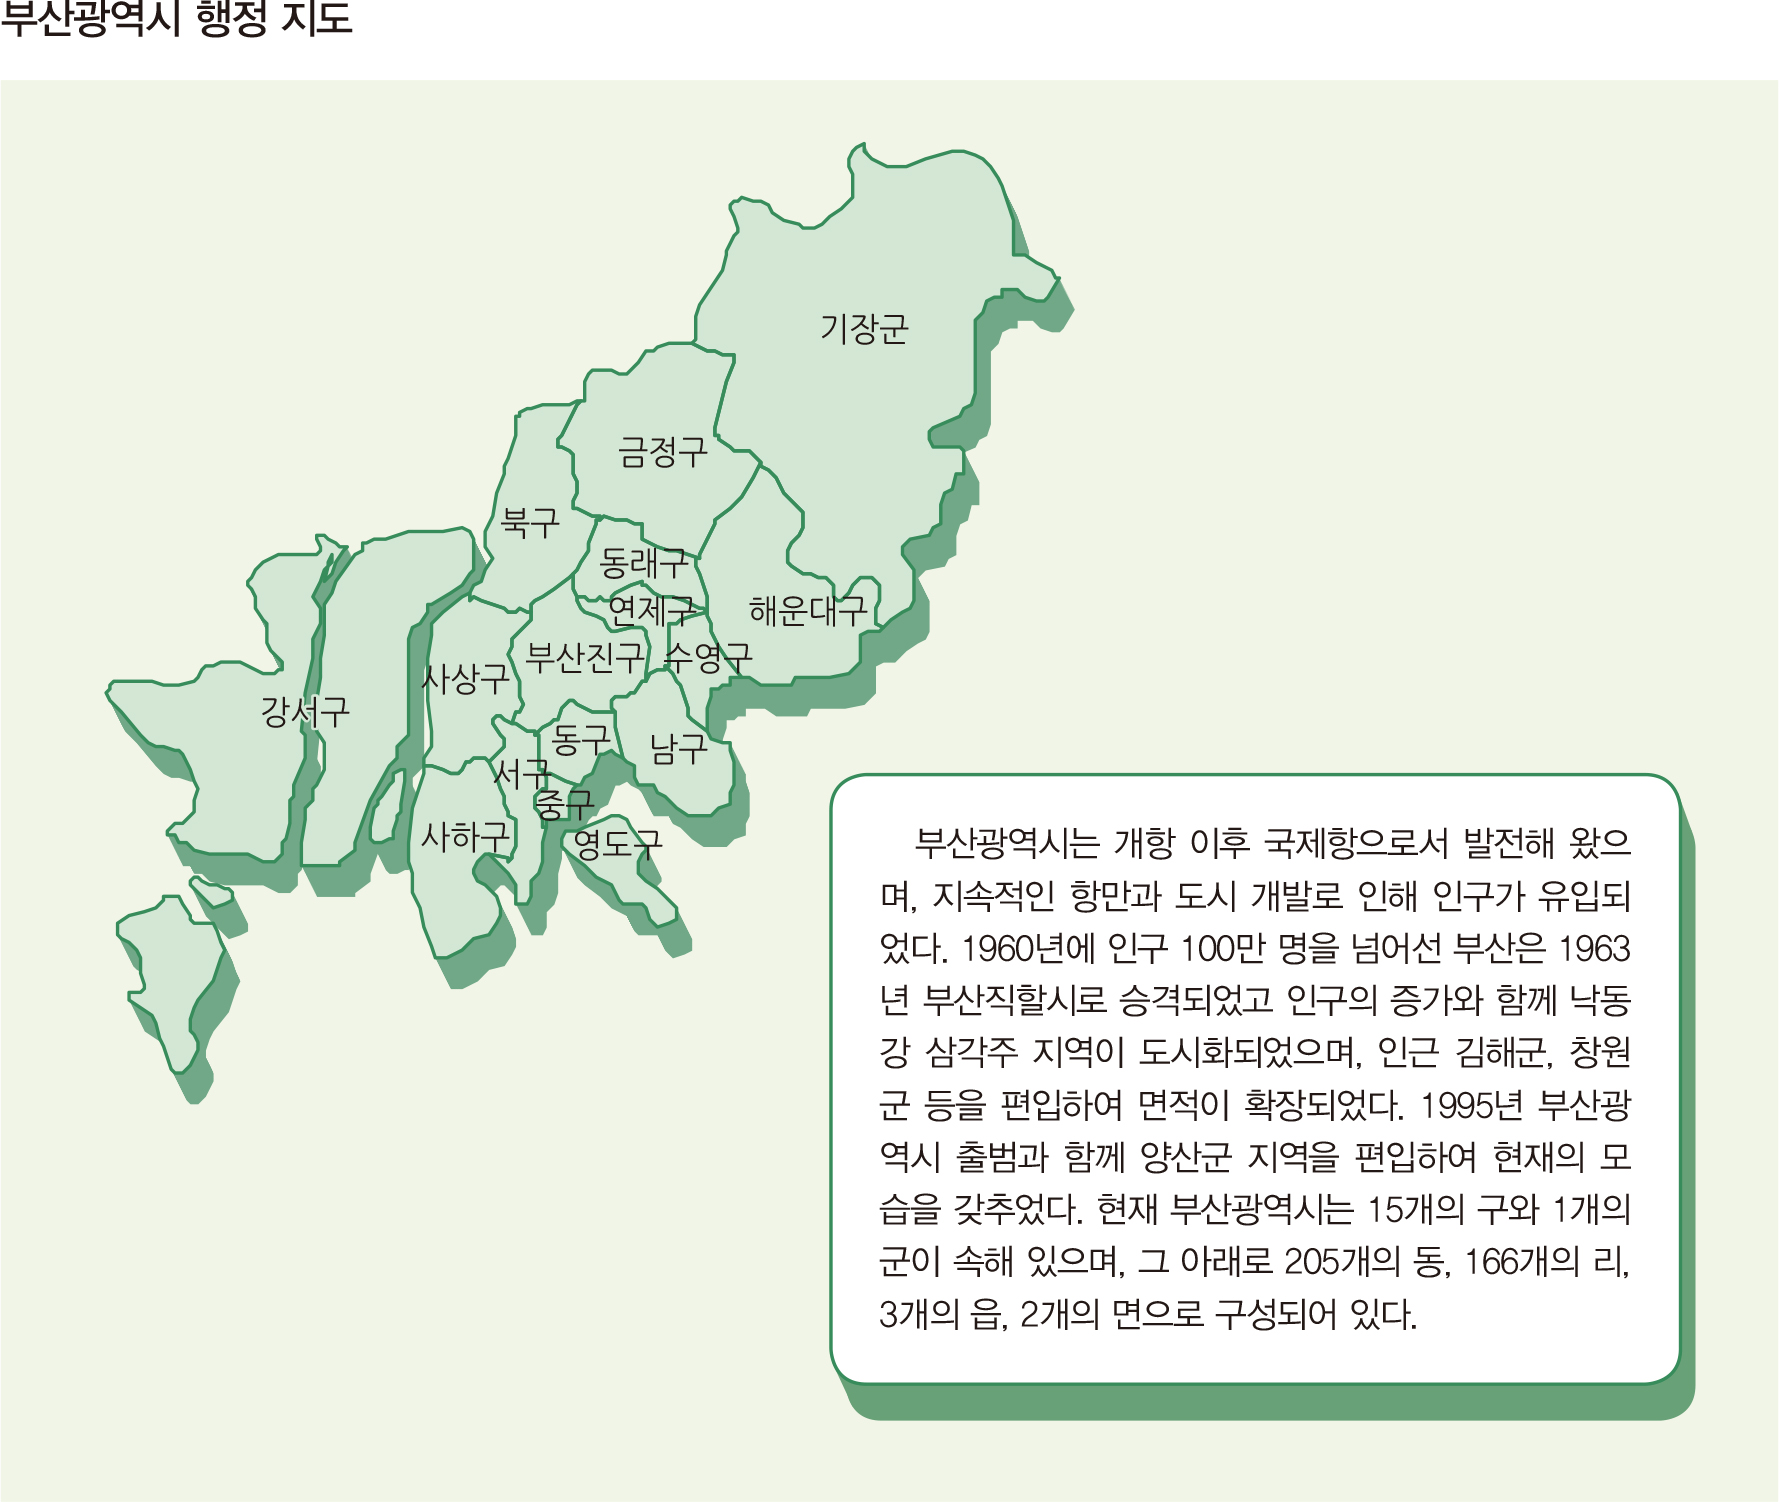 부산광역시 행정 지도